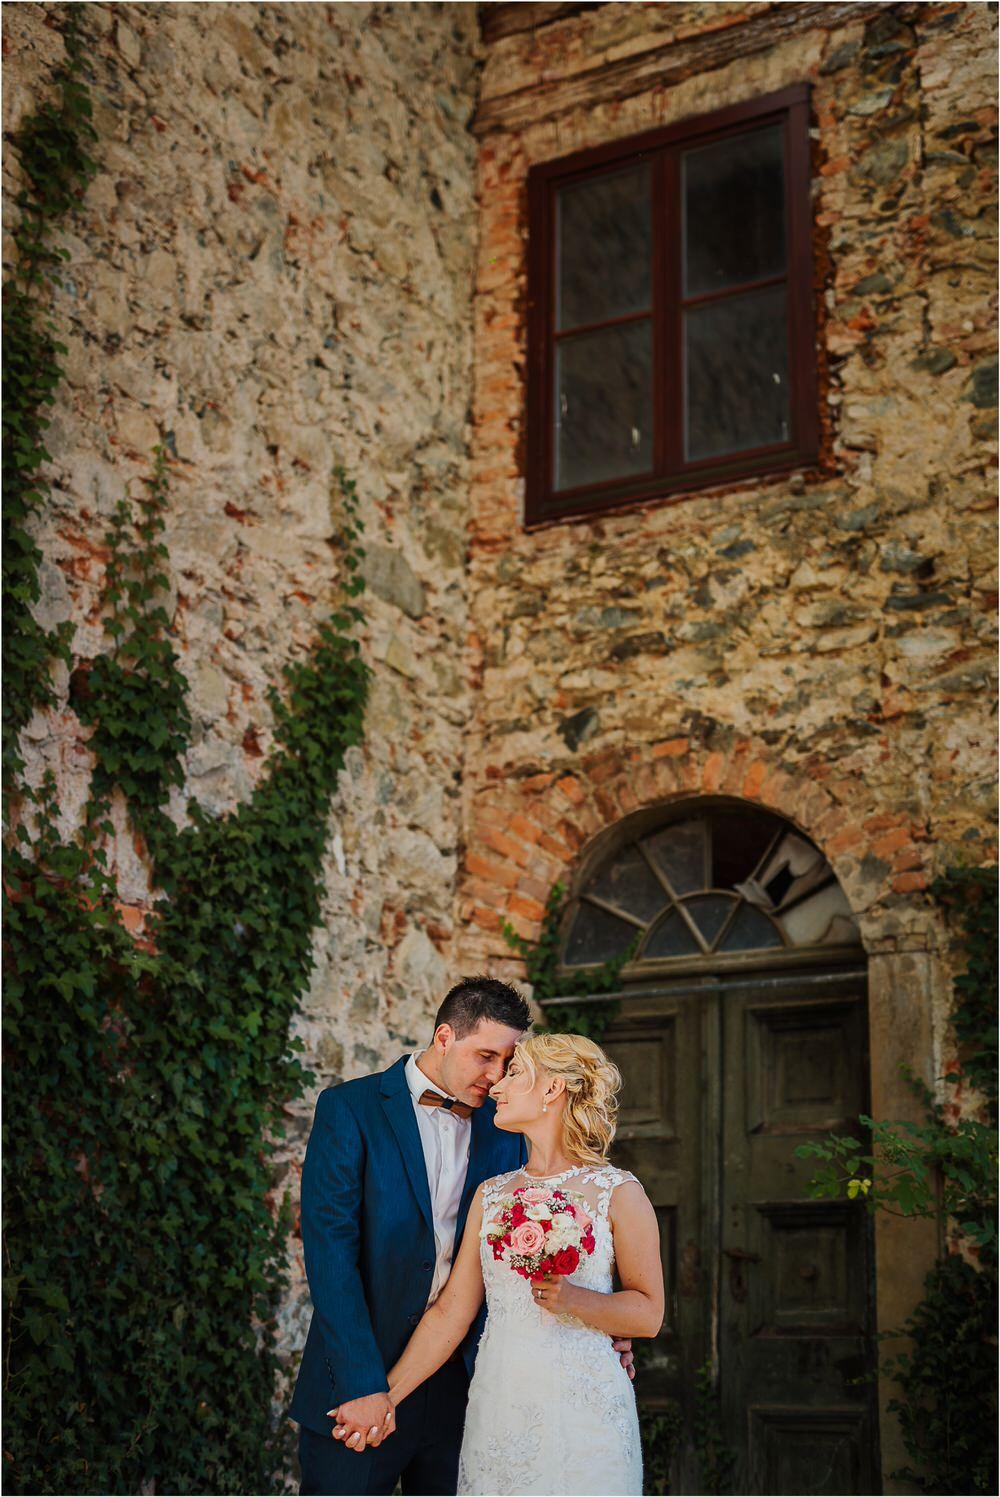 slovenia maribor wedding goriska brda poroka porocni fotograf slovenija porocno fotografiranje maribor ljubljana zemono svicarija 0062.jpg